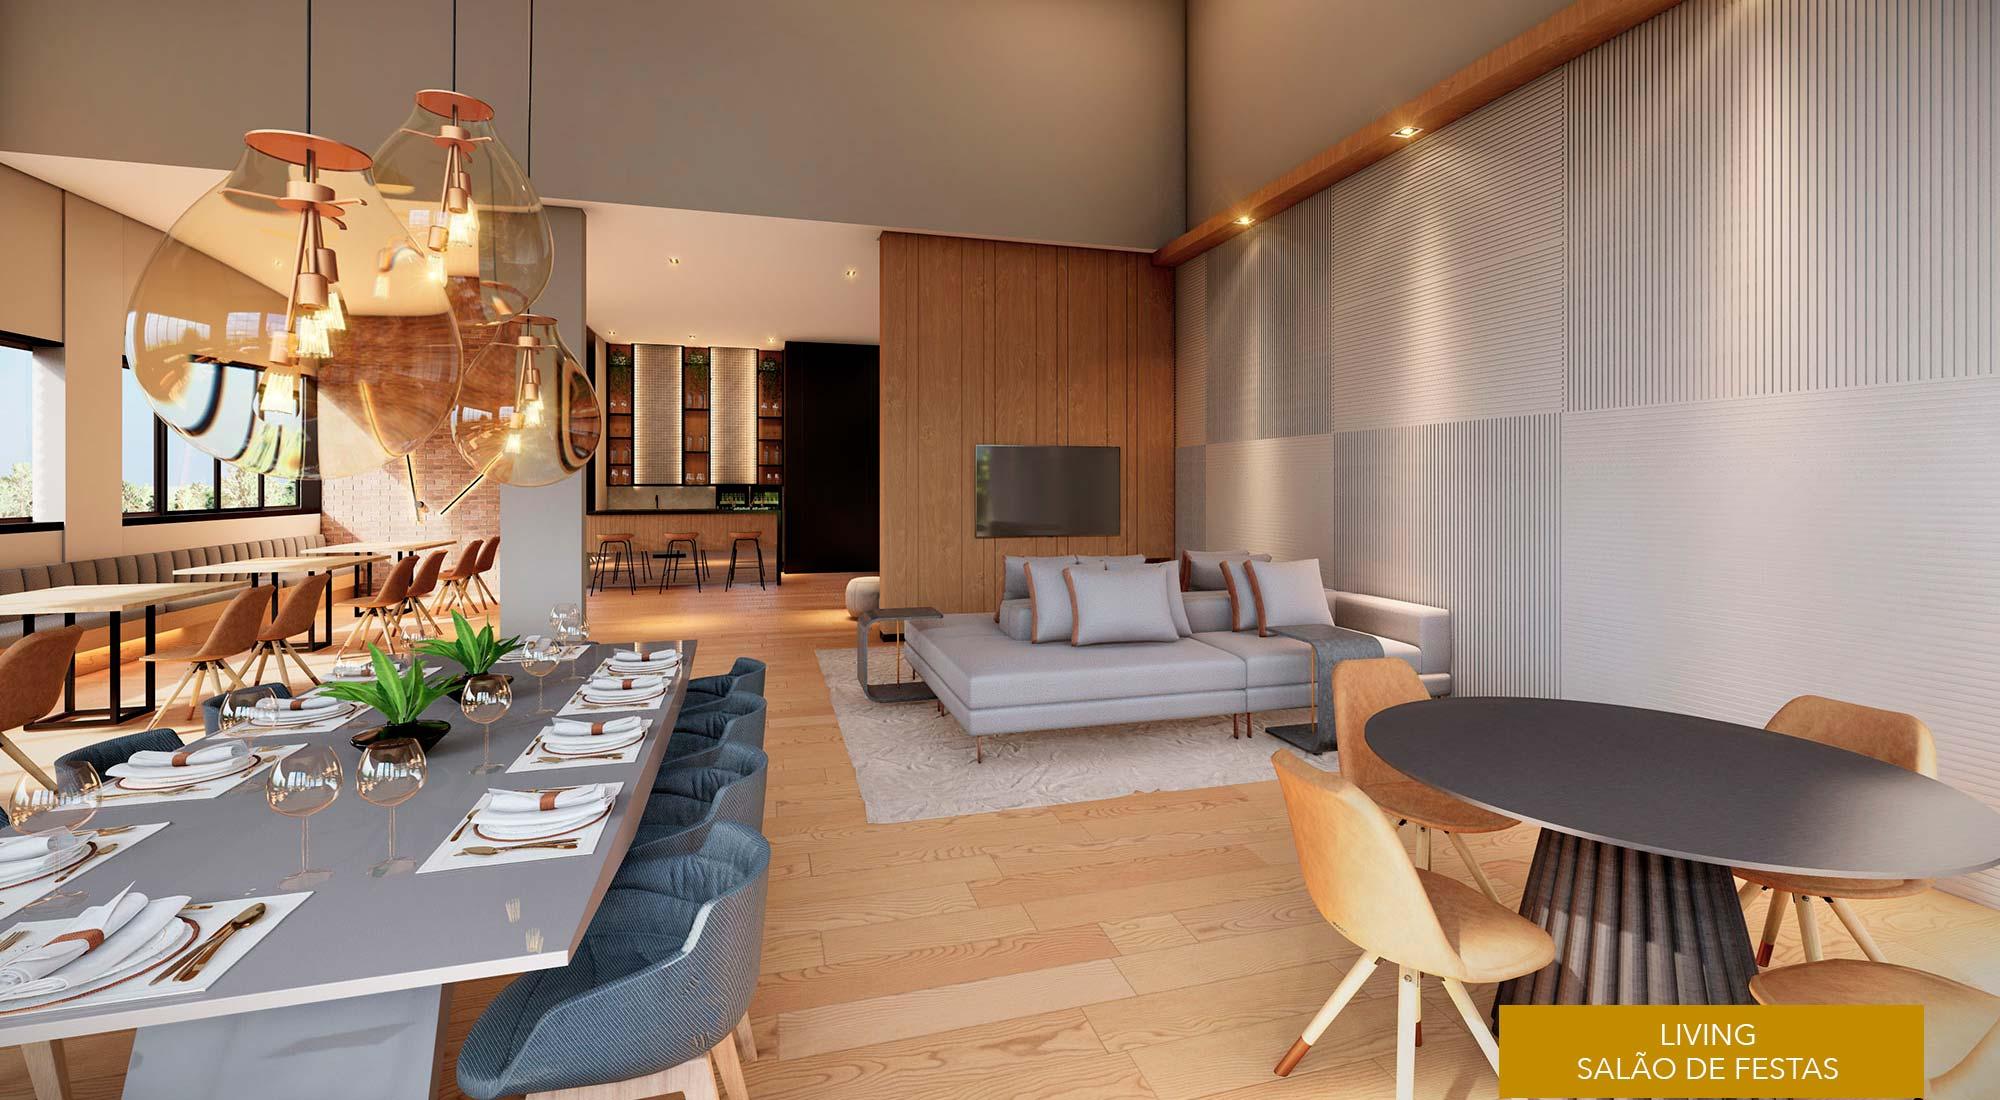 living-salao-festas-the-one-residence-carrosel